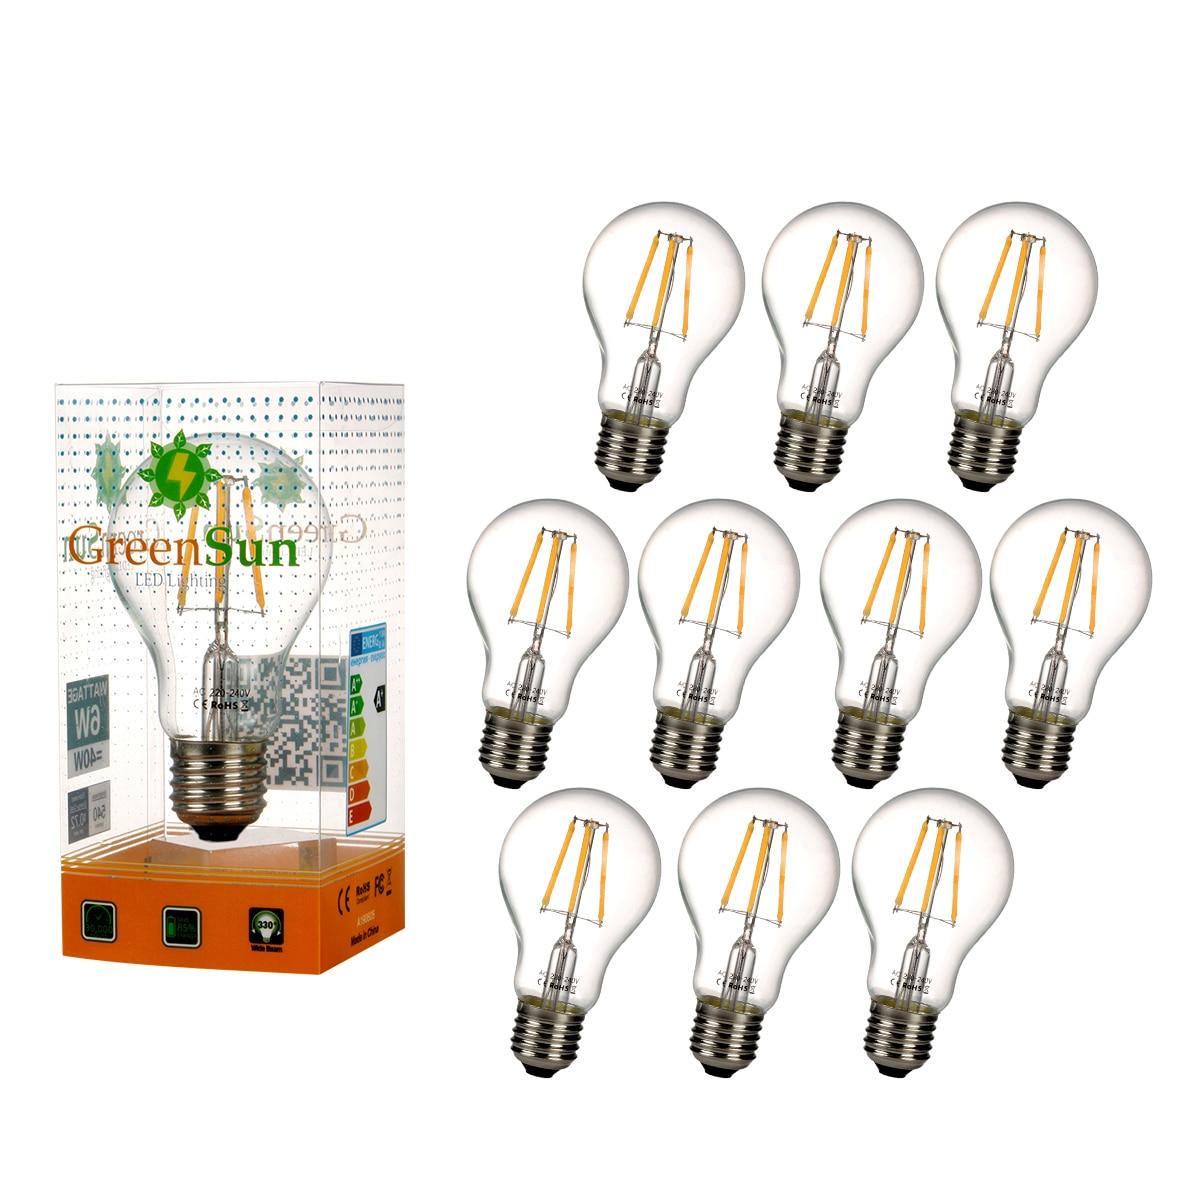 10Pcs E27 6W Edison Filament Warm White LED Energy Saving Bulb Light Lamp<br>